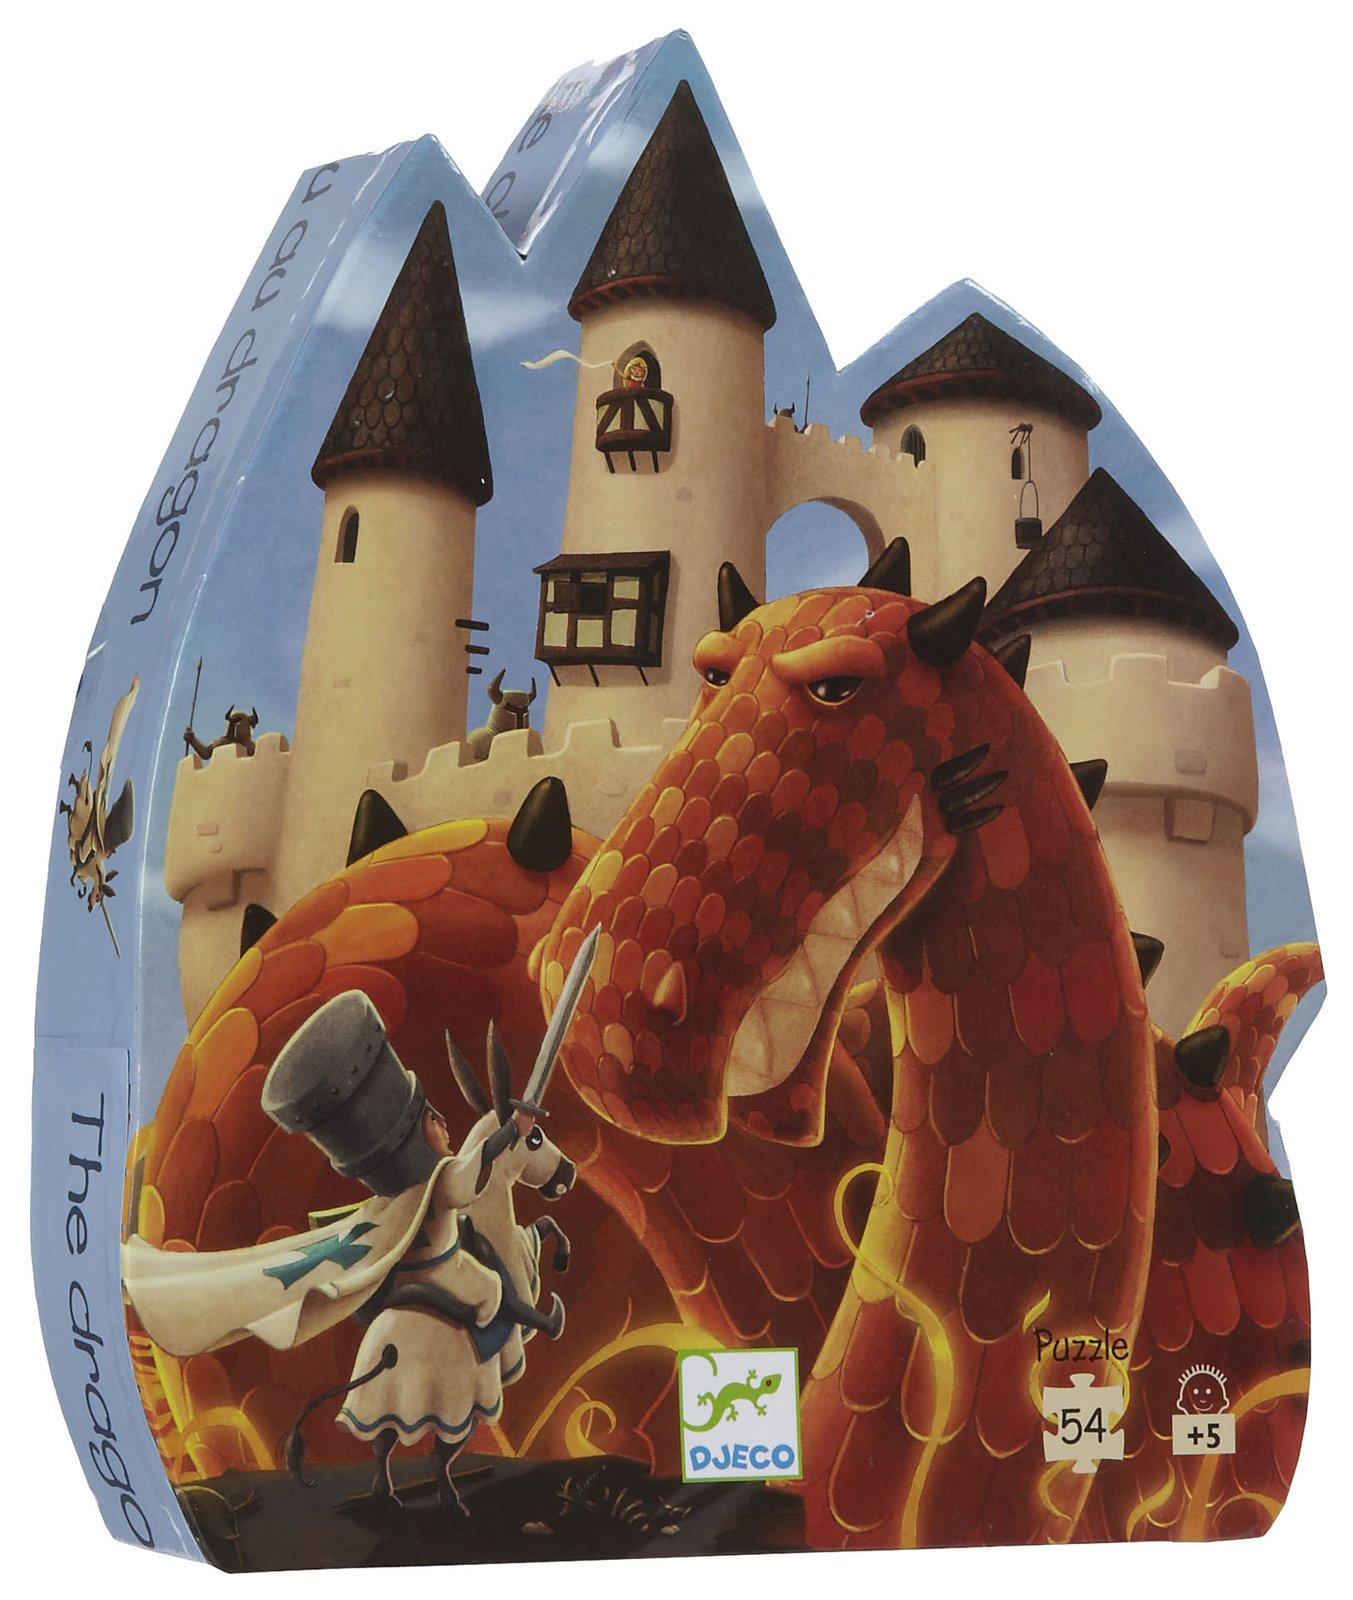 Silhouette puzzle - The dragon's castle - 54 pcs